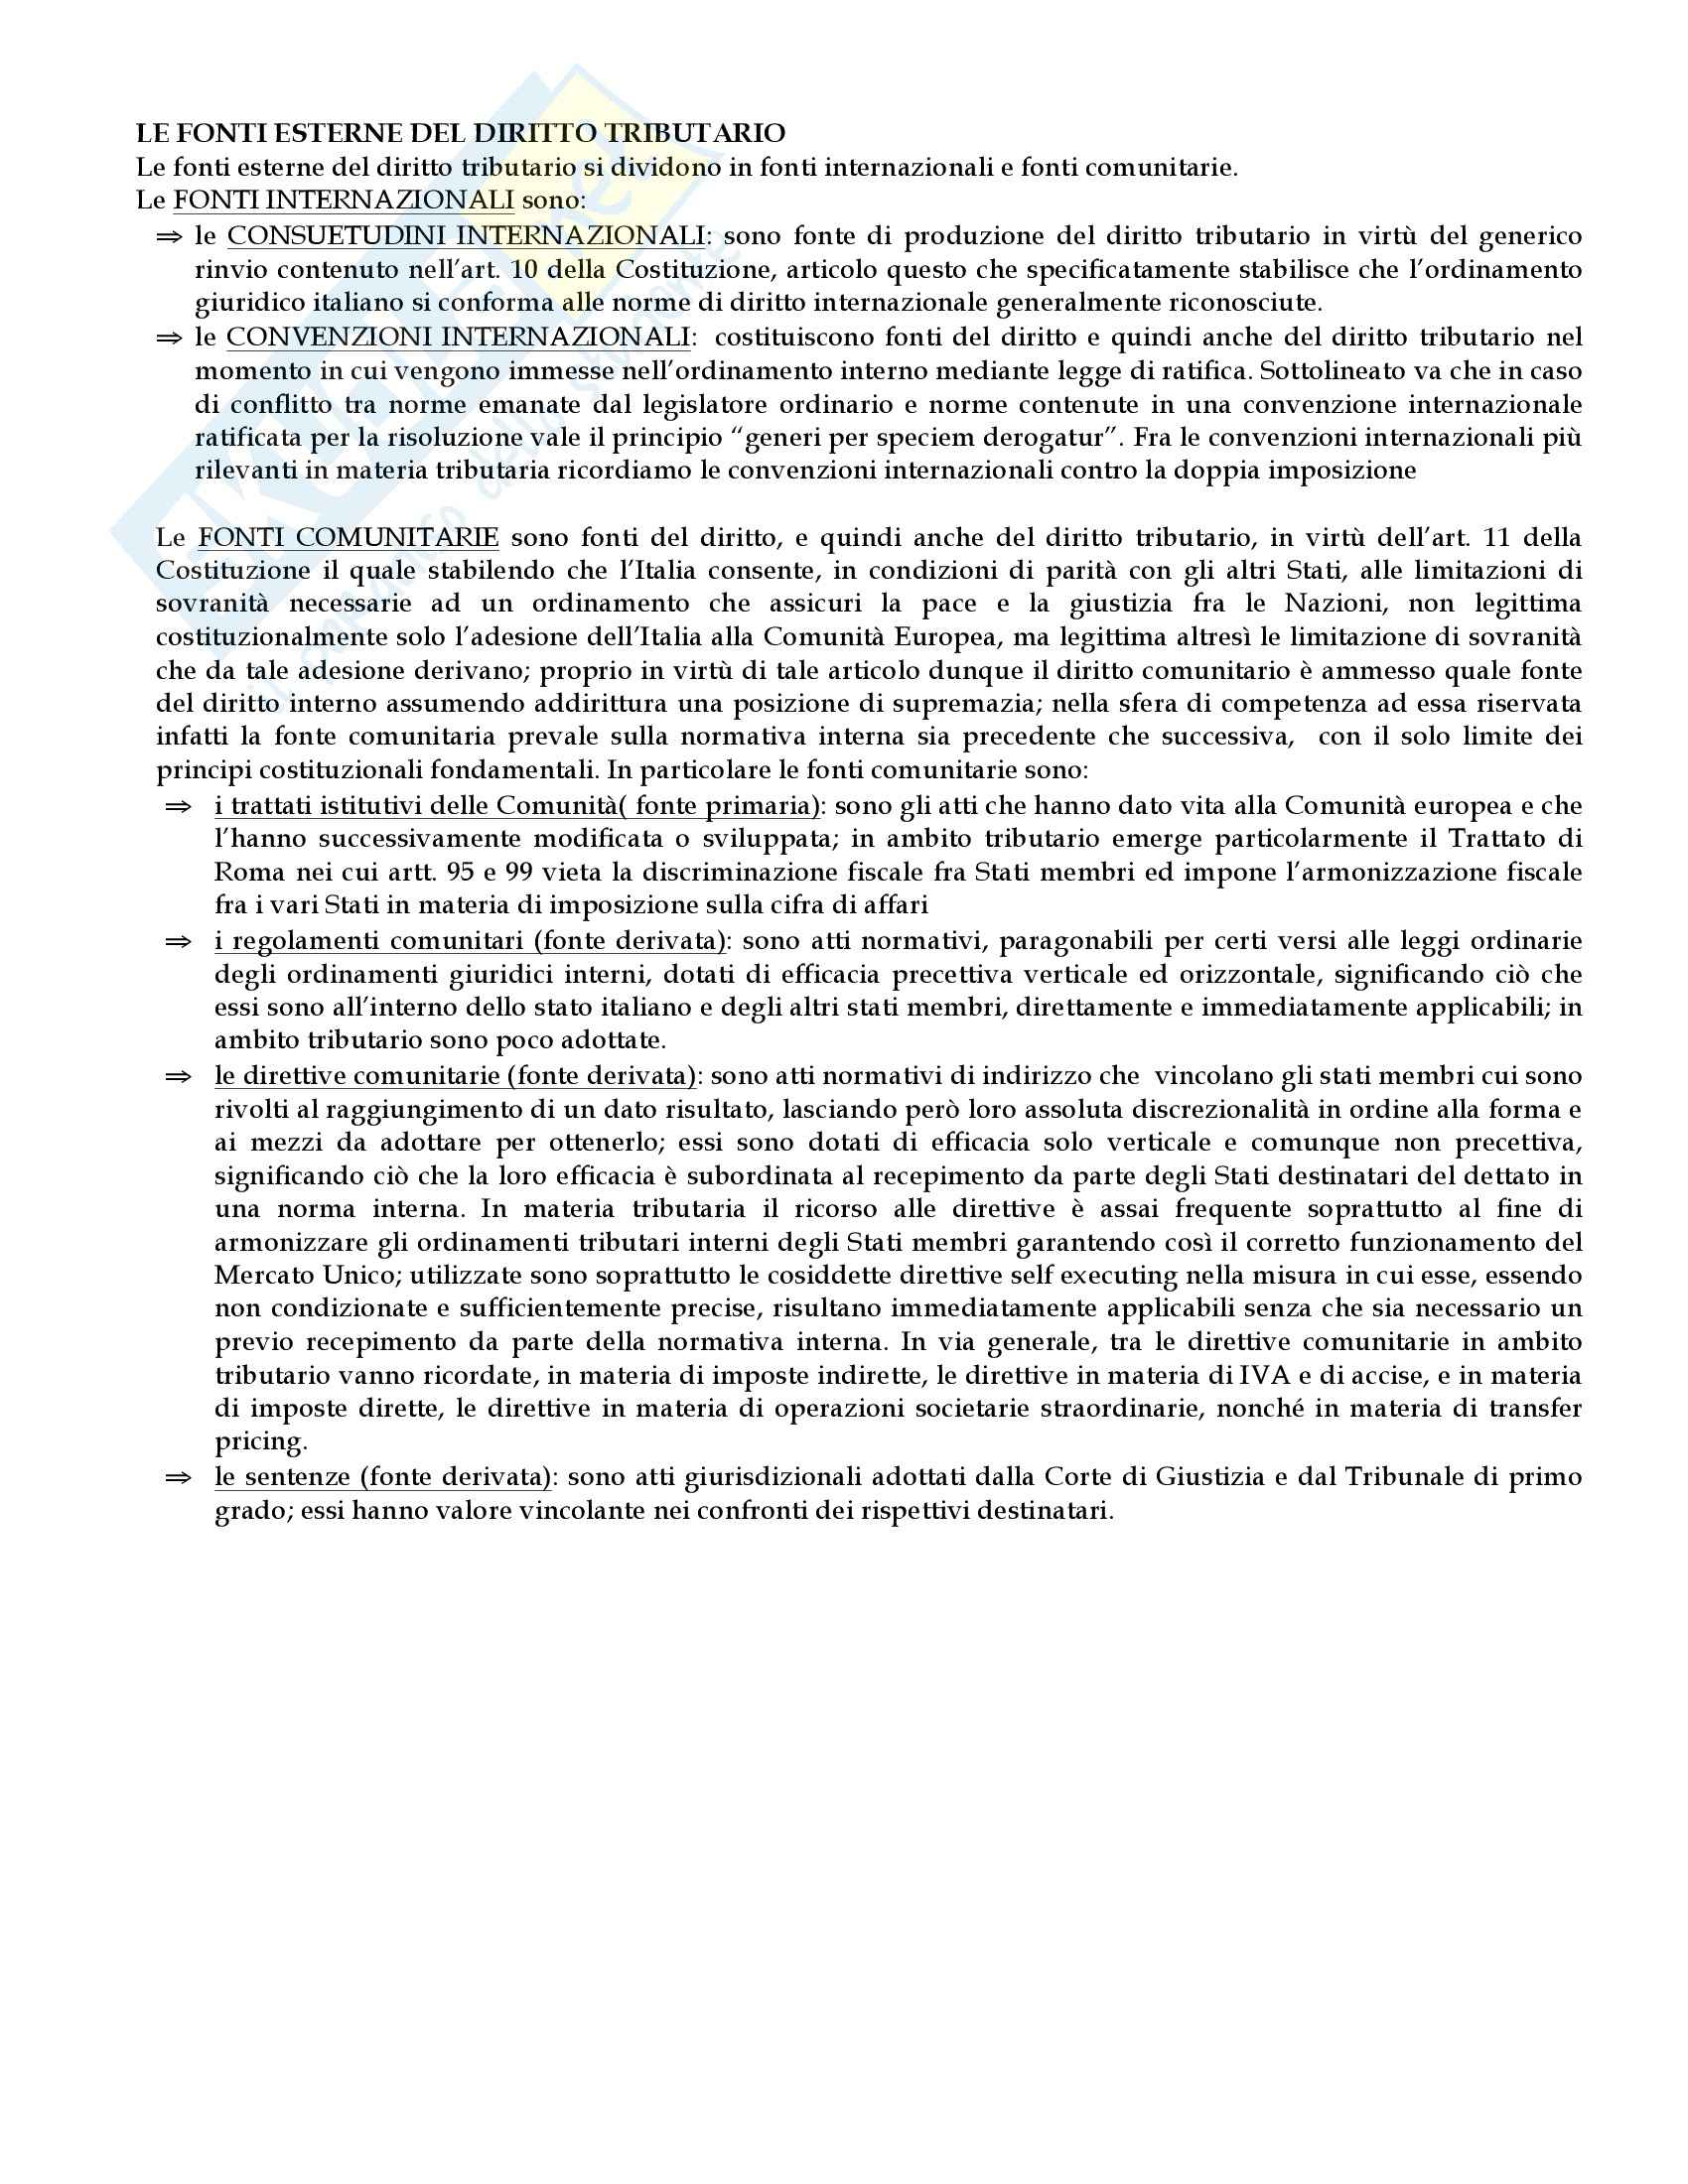 Diritto tributario - Appunti Pag. 11